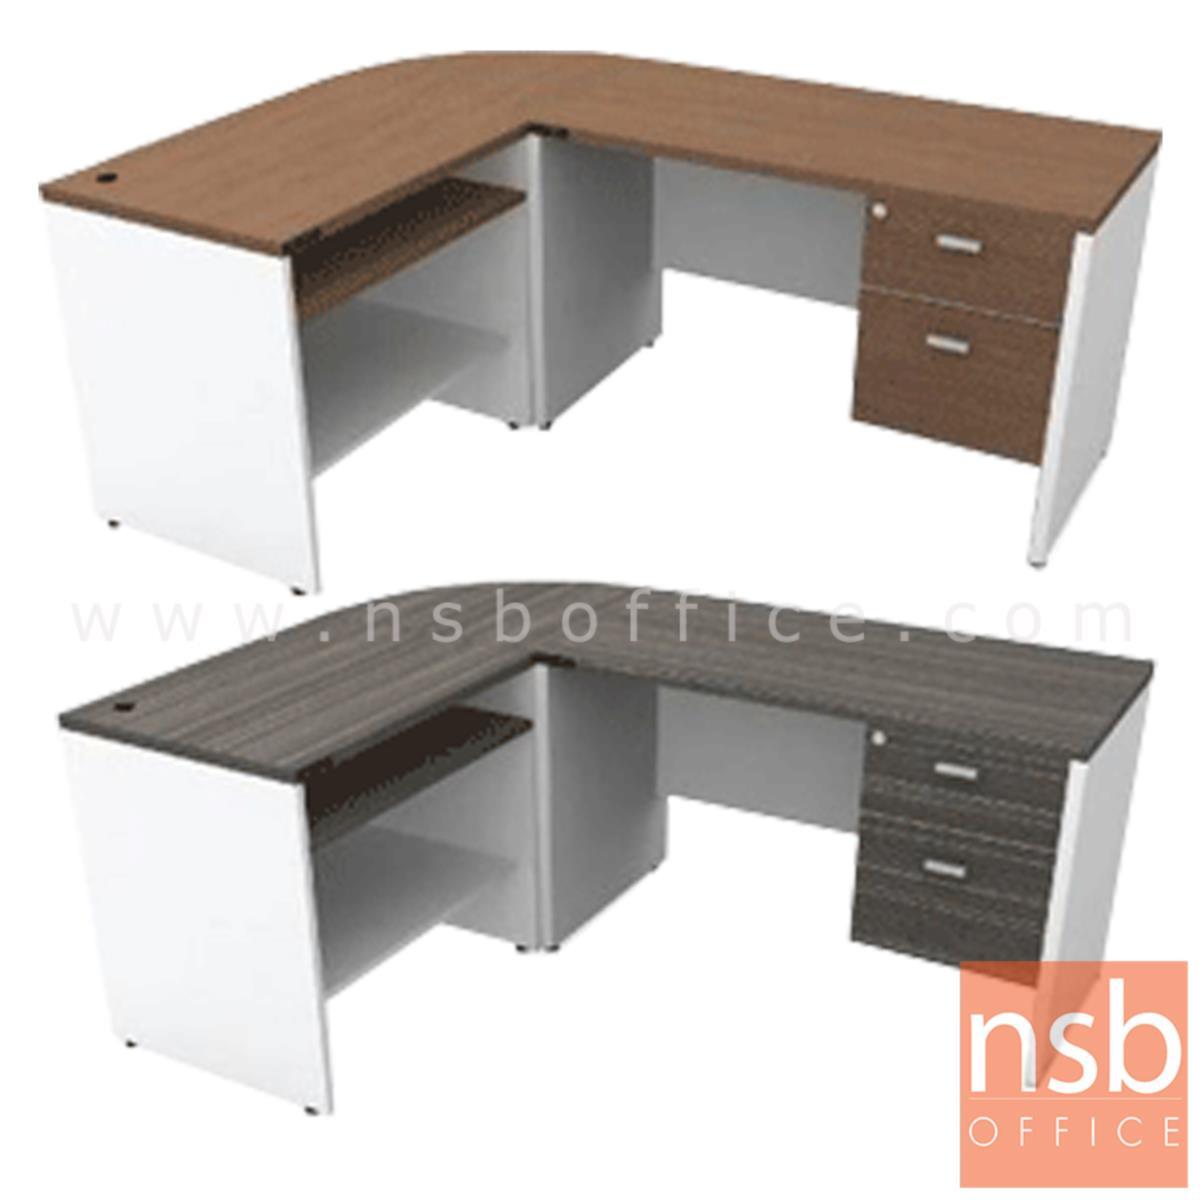 A13A037:โต๊ะทำงานตัวแอล 2 ลิ้นชัก รุ่น Enterprise ขนาด 180W cm. เมลามีน